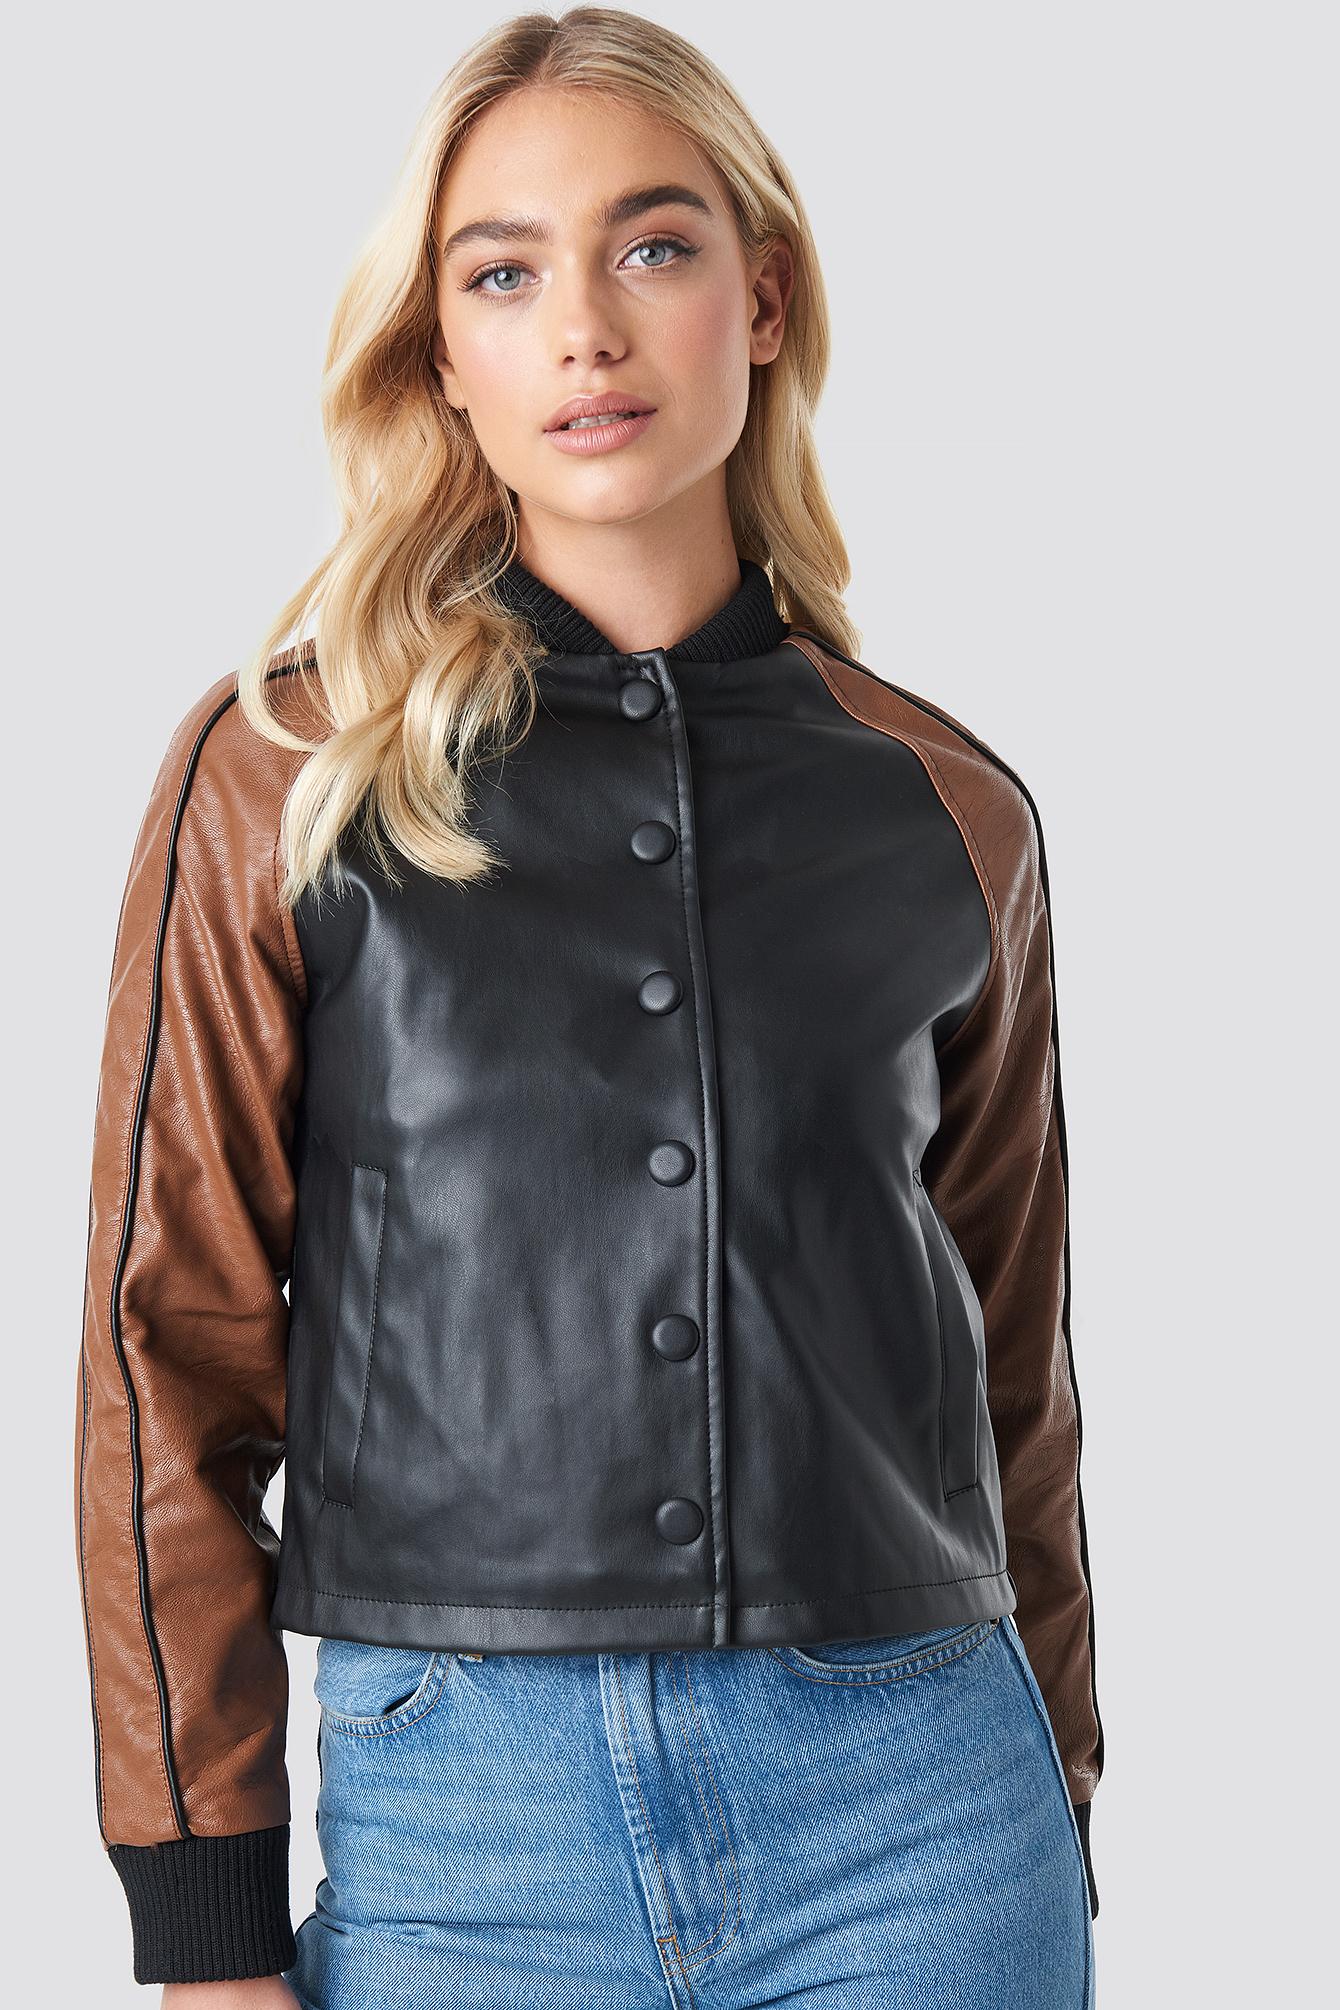 Contrast Sleeve PU Jacket NA-KD.COM